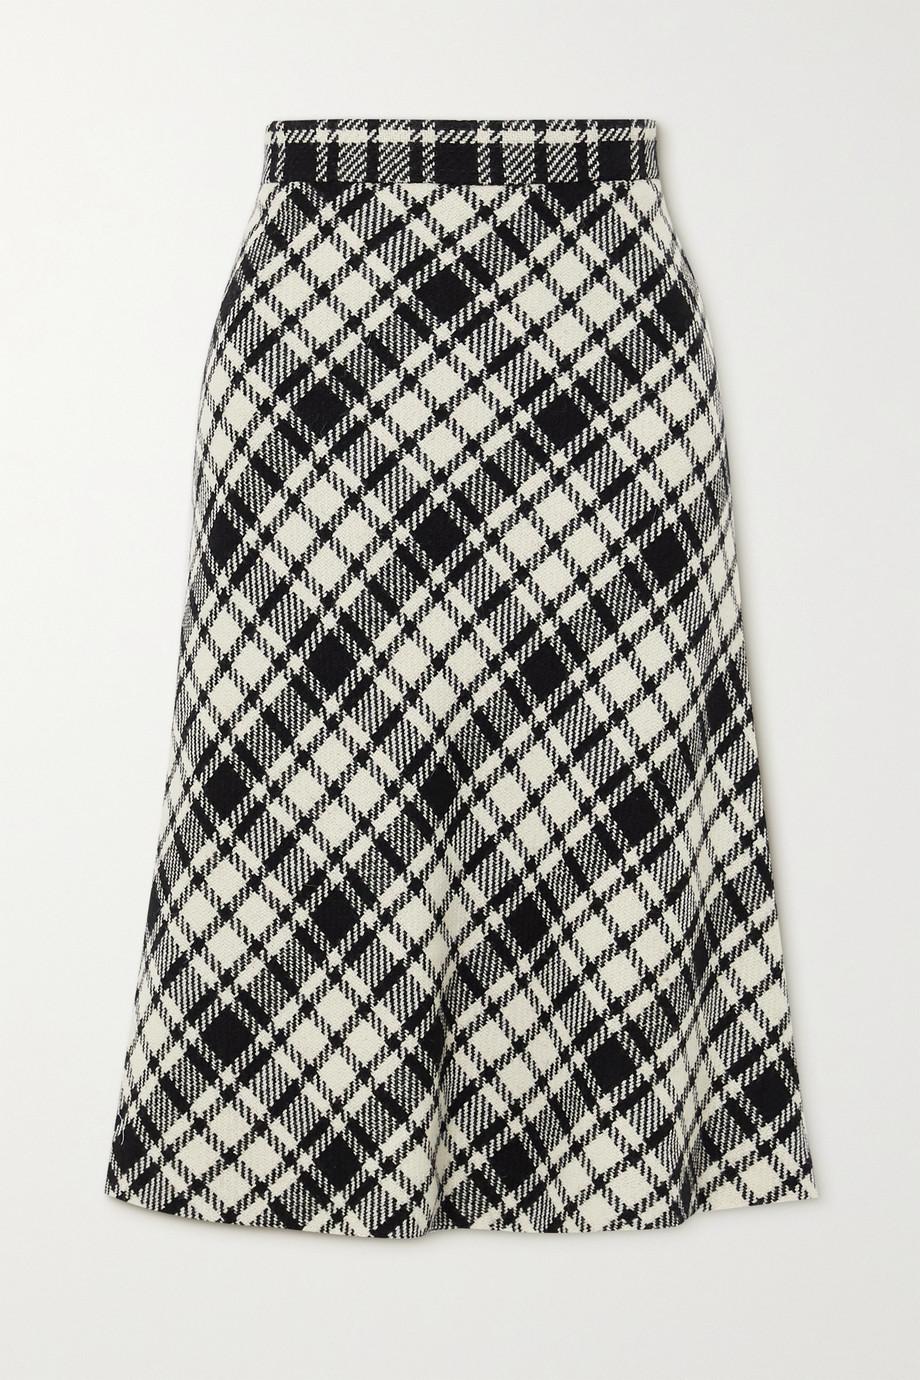 Miu Miu Midirock aus einer Wollmischung mit Glencheck-Muster